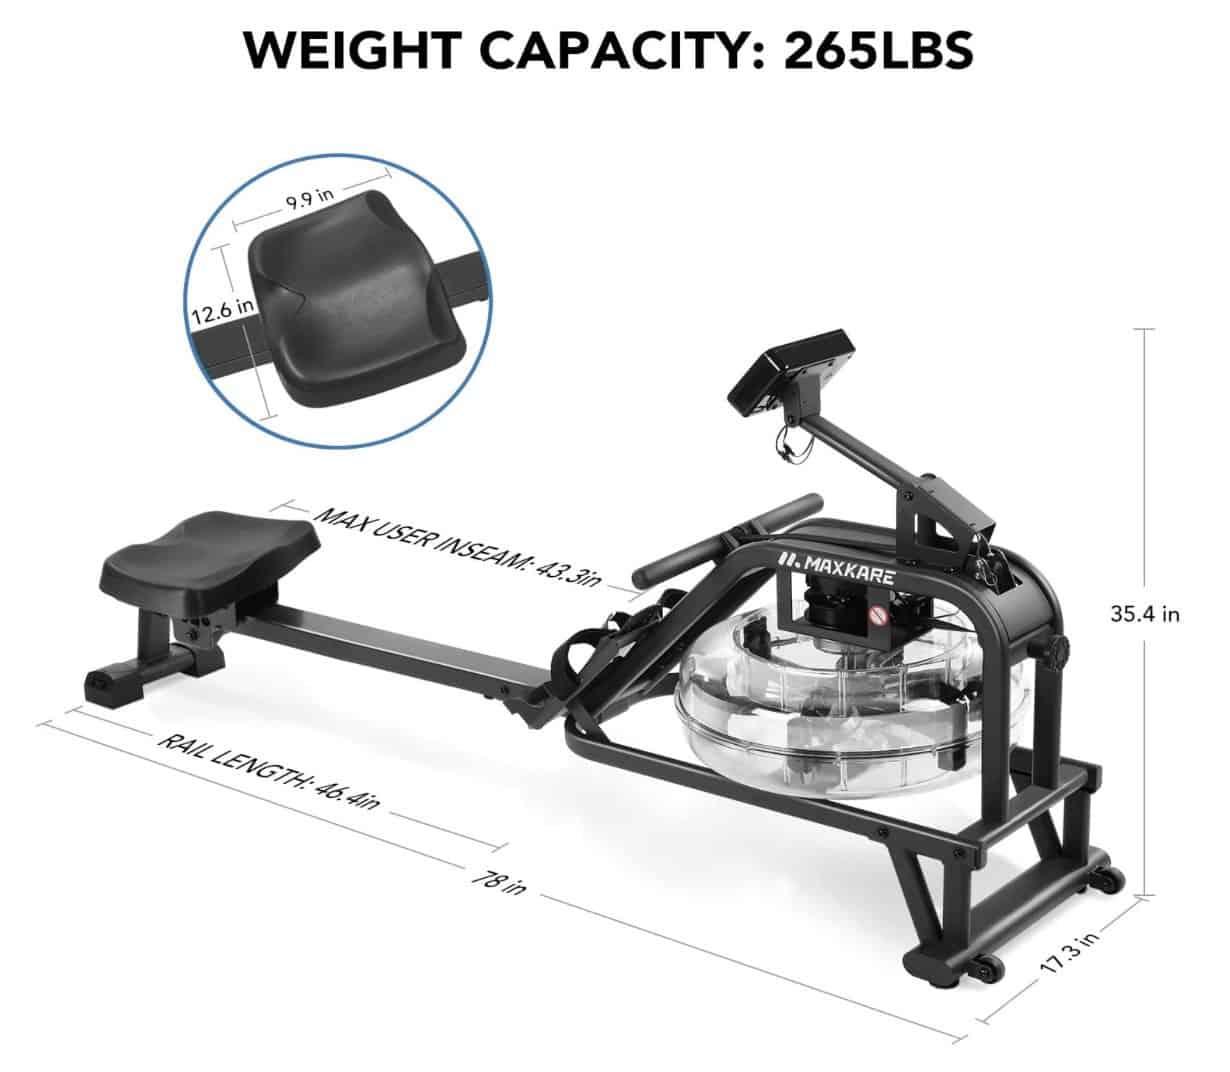 MaxKare Rower Capacity